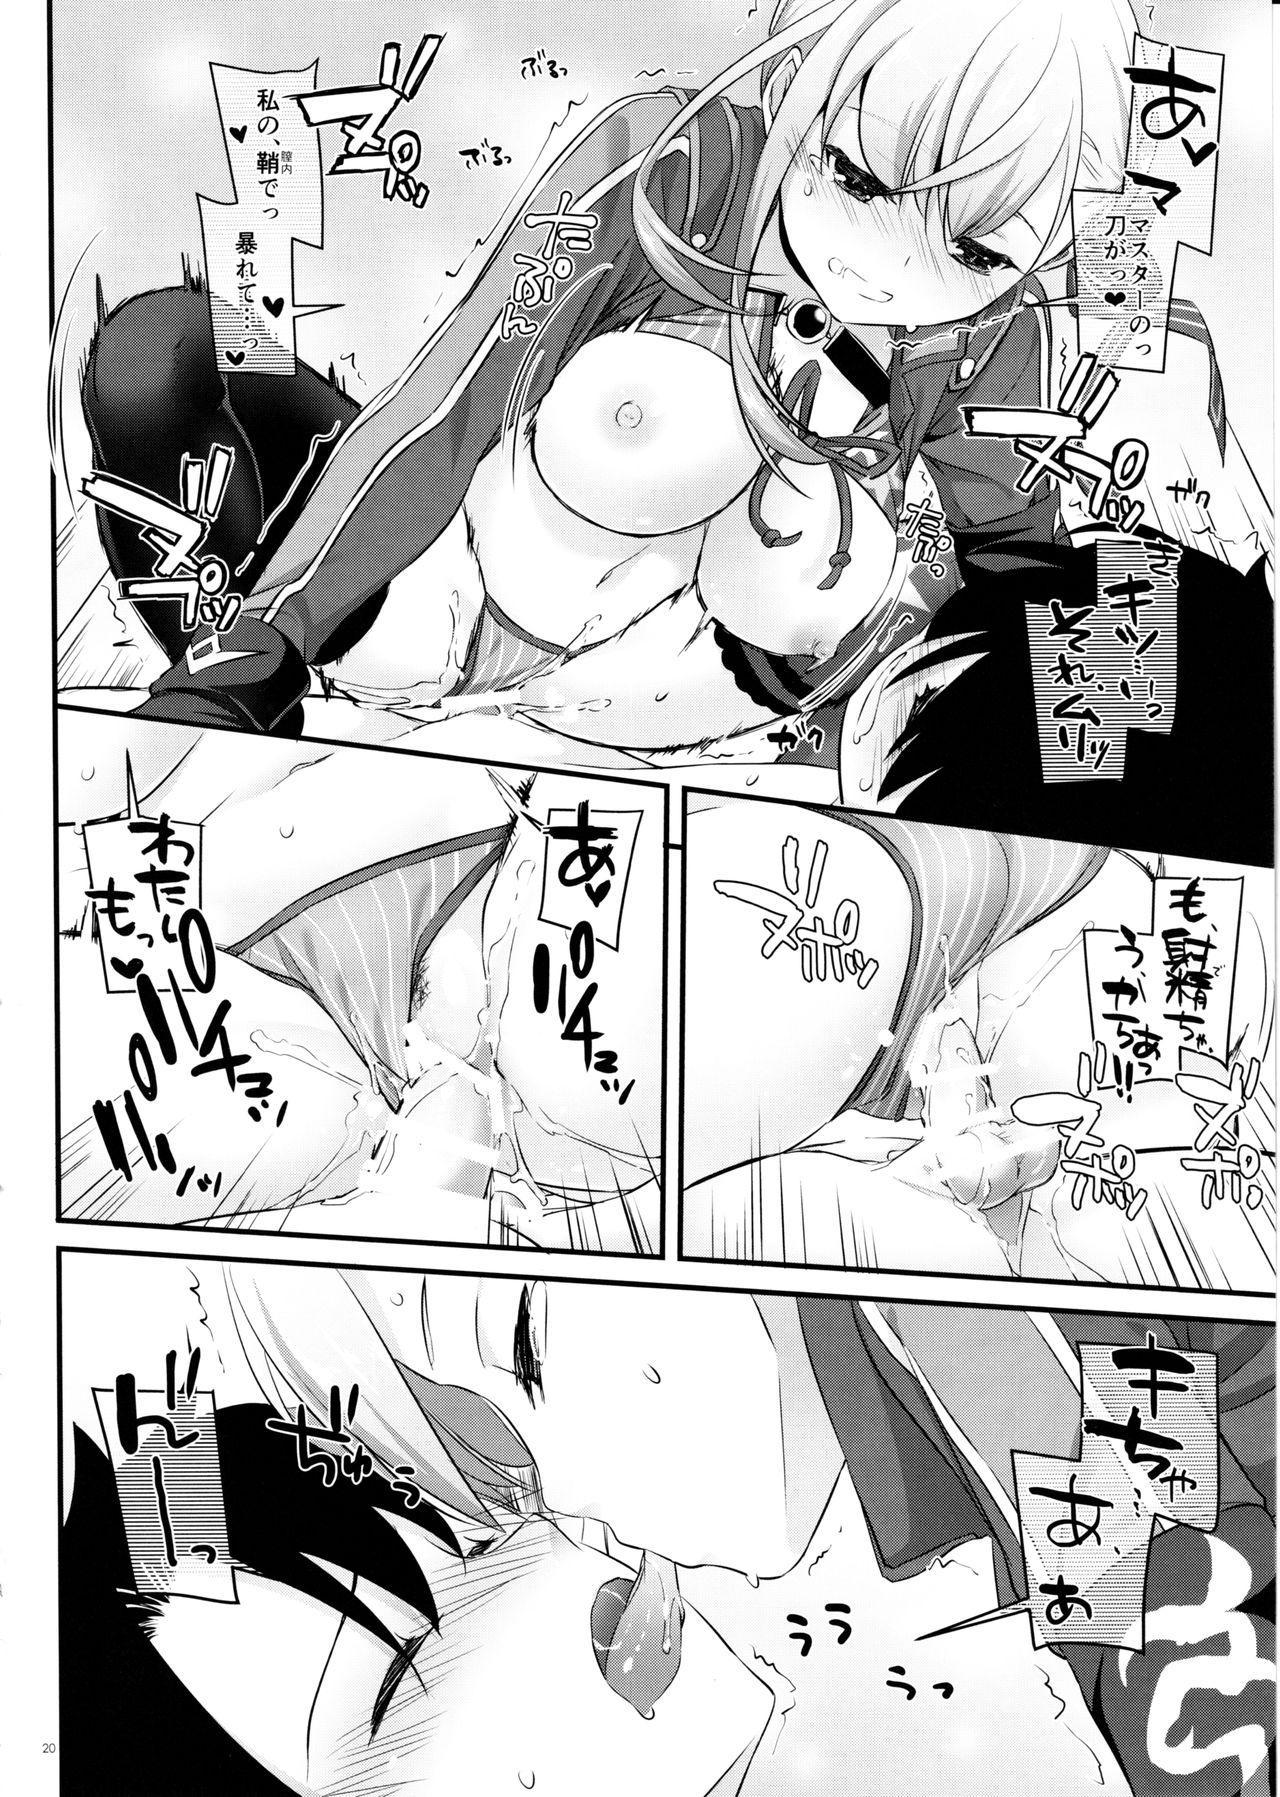 D.L. action 127 Musashi-chan no Mizugi Kengou Irogoto Shoubu 18